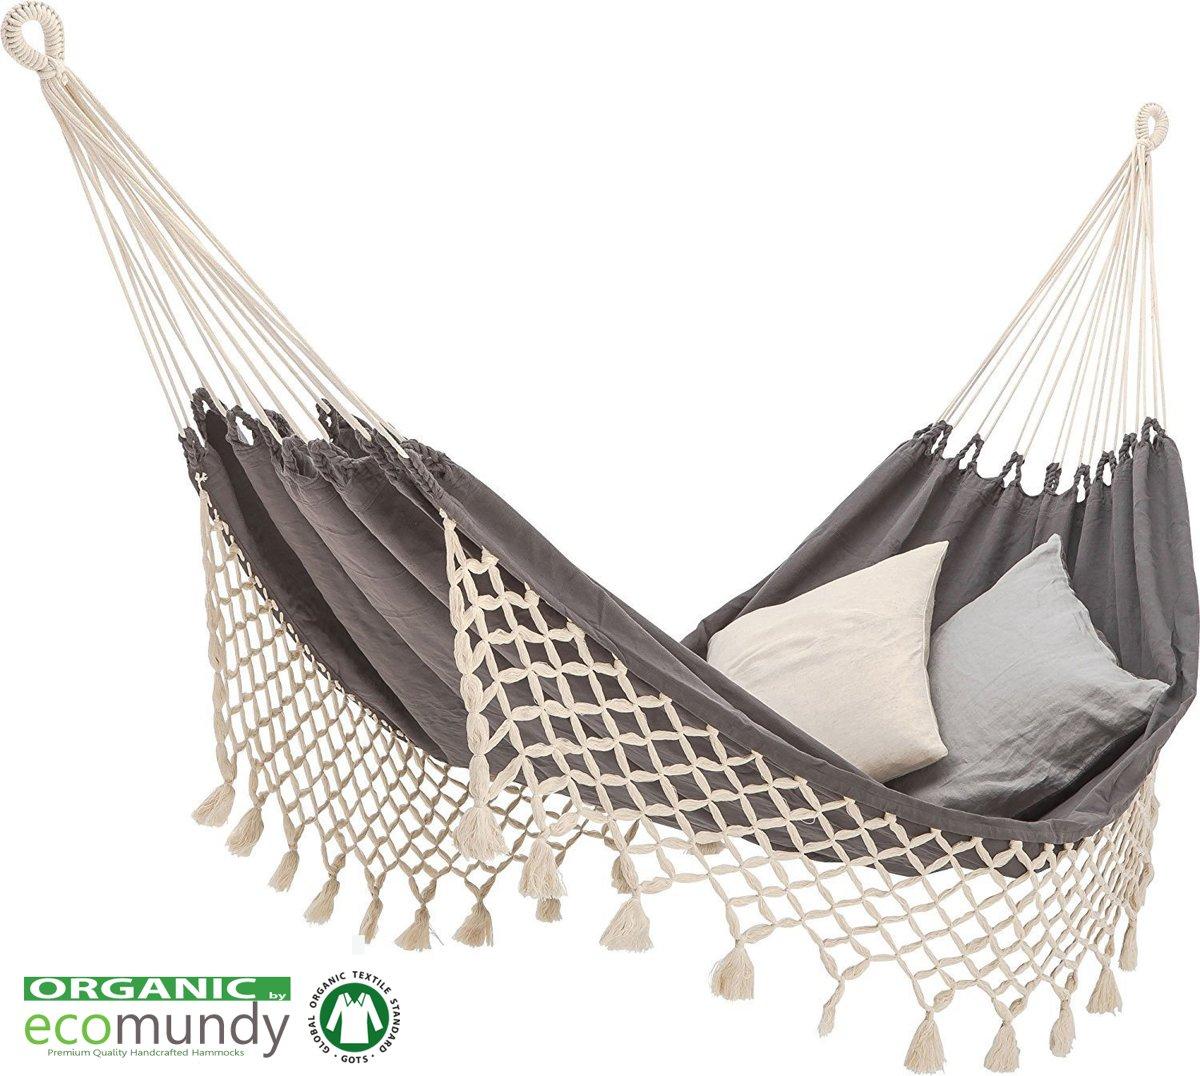 ECOMUNDY ROMANCE XL 360 antraciet grijs/ecru - Luxe hangmat met franje - 2-persoons - handgeweven bio katoen - GOTS - 160x240x360cm